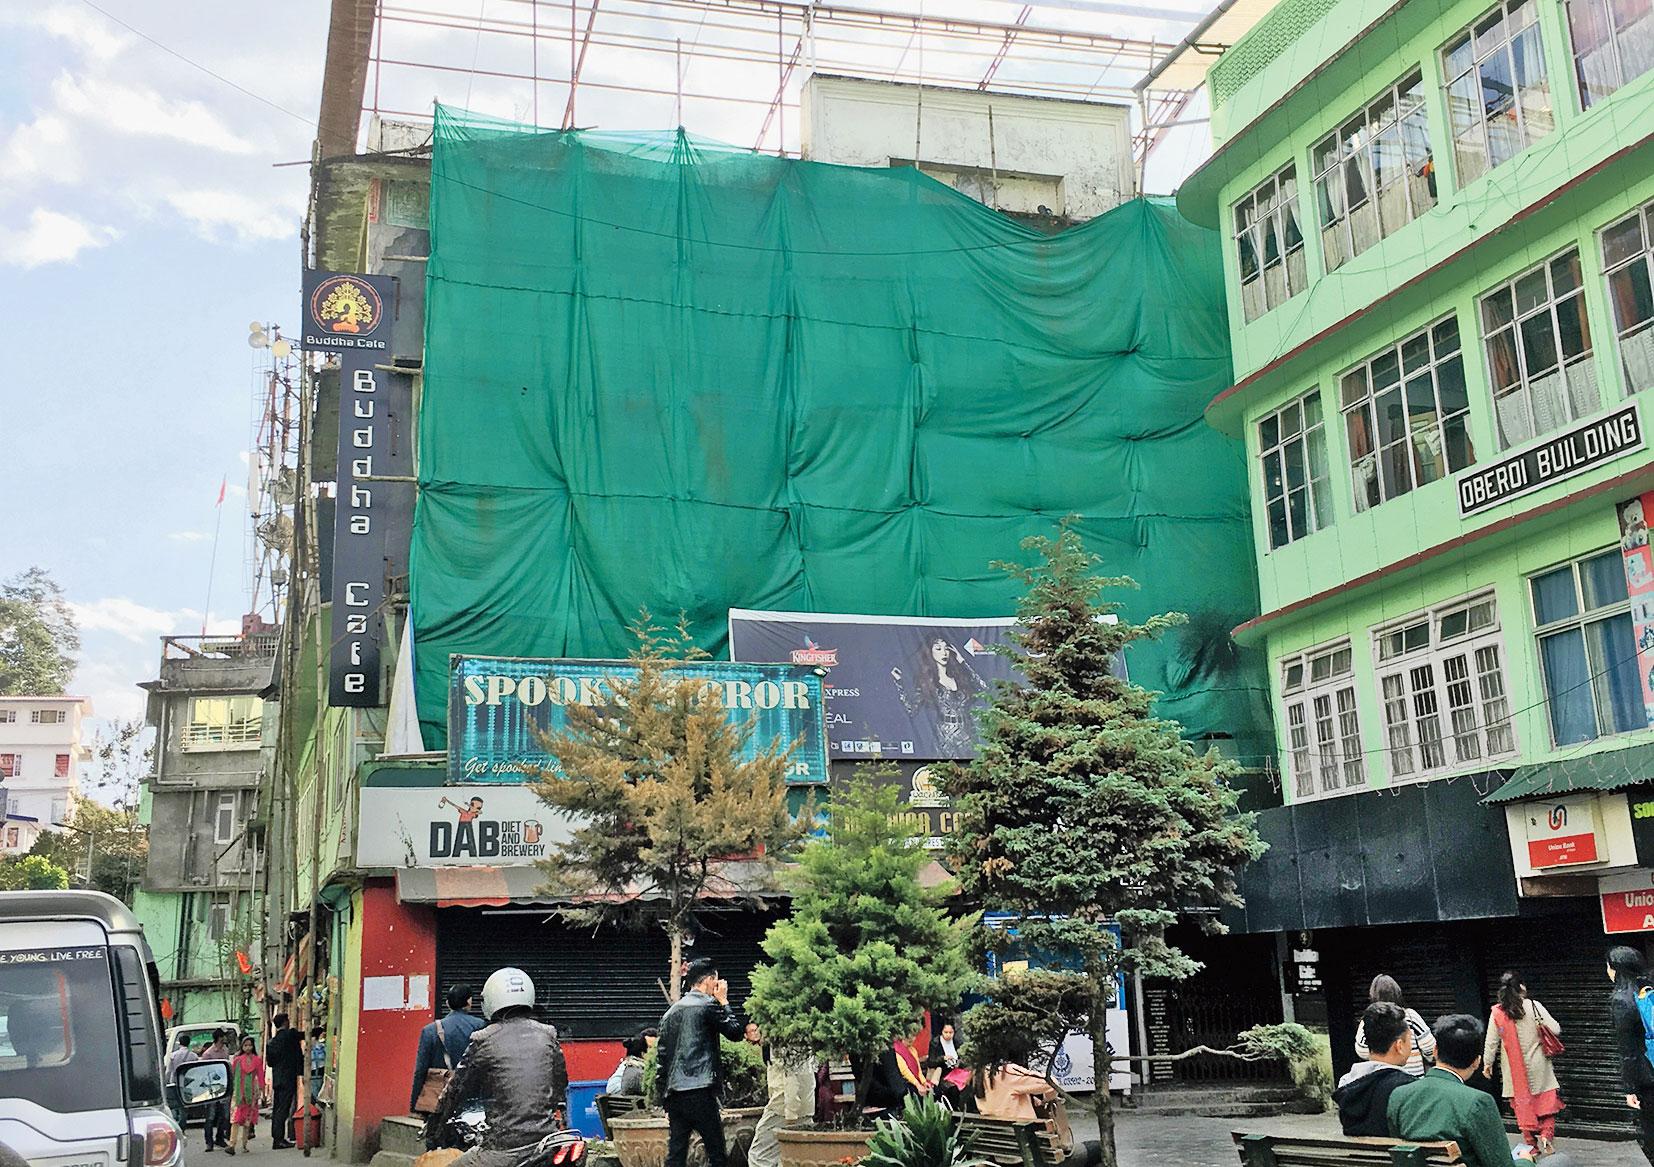 The Star Hall building in Gangtok